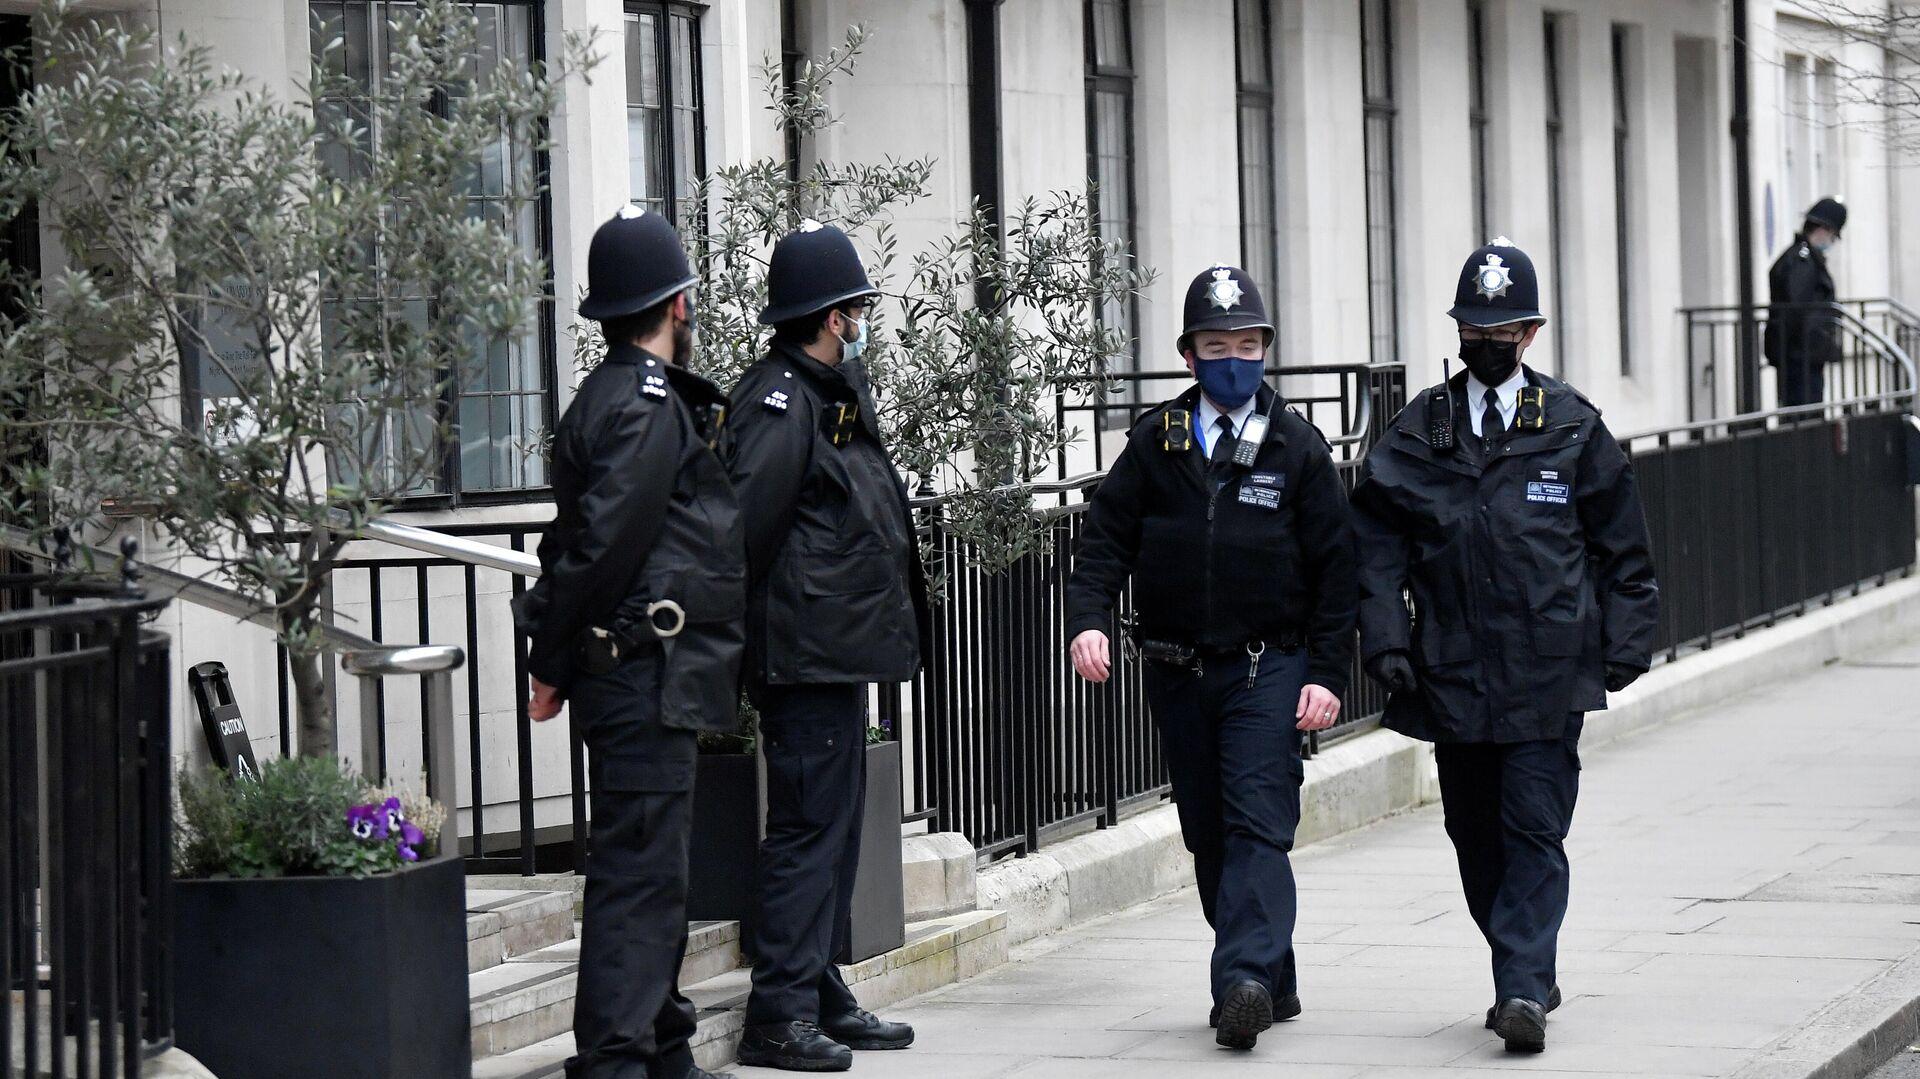 Unos agentes de la policía de Londres (imagen referencial) - Sputnik Mundo, 1920, 11.03.2021